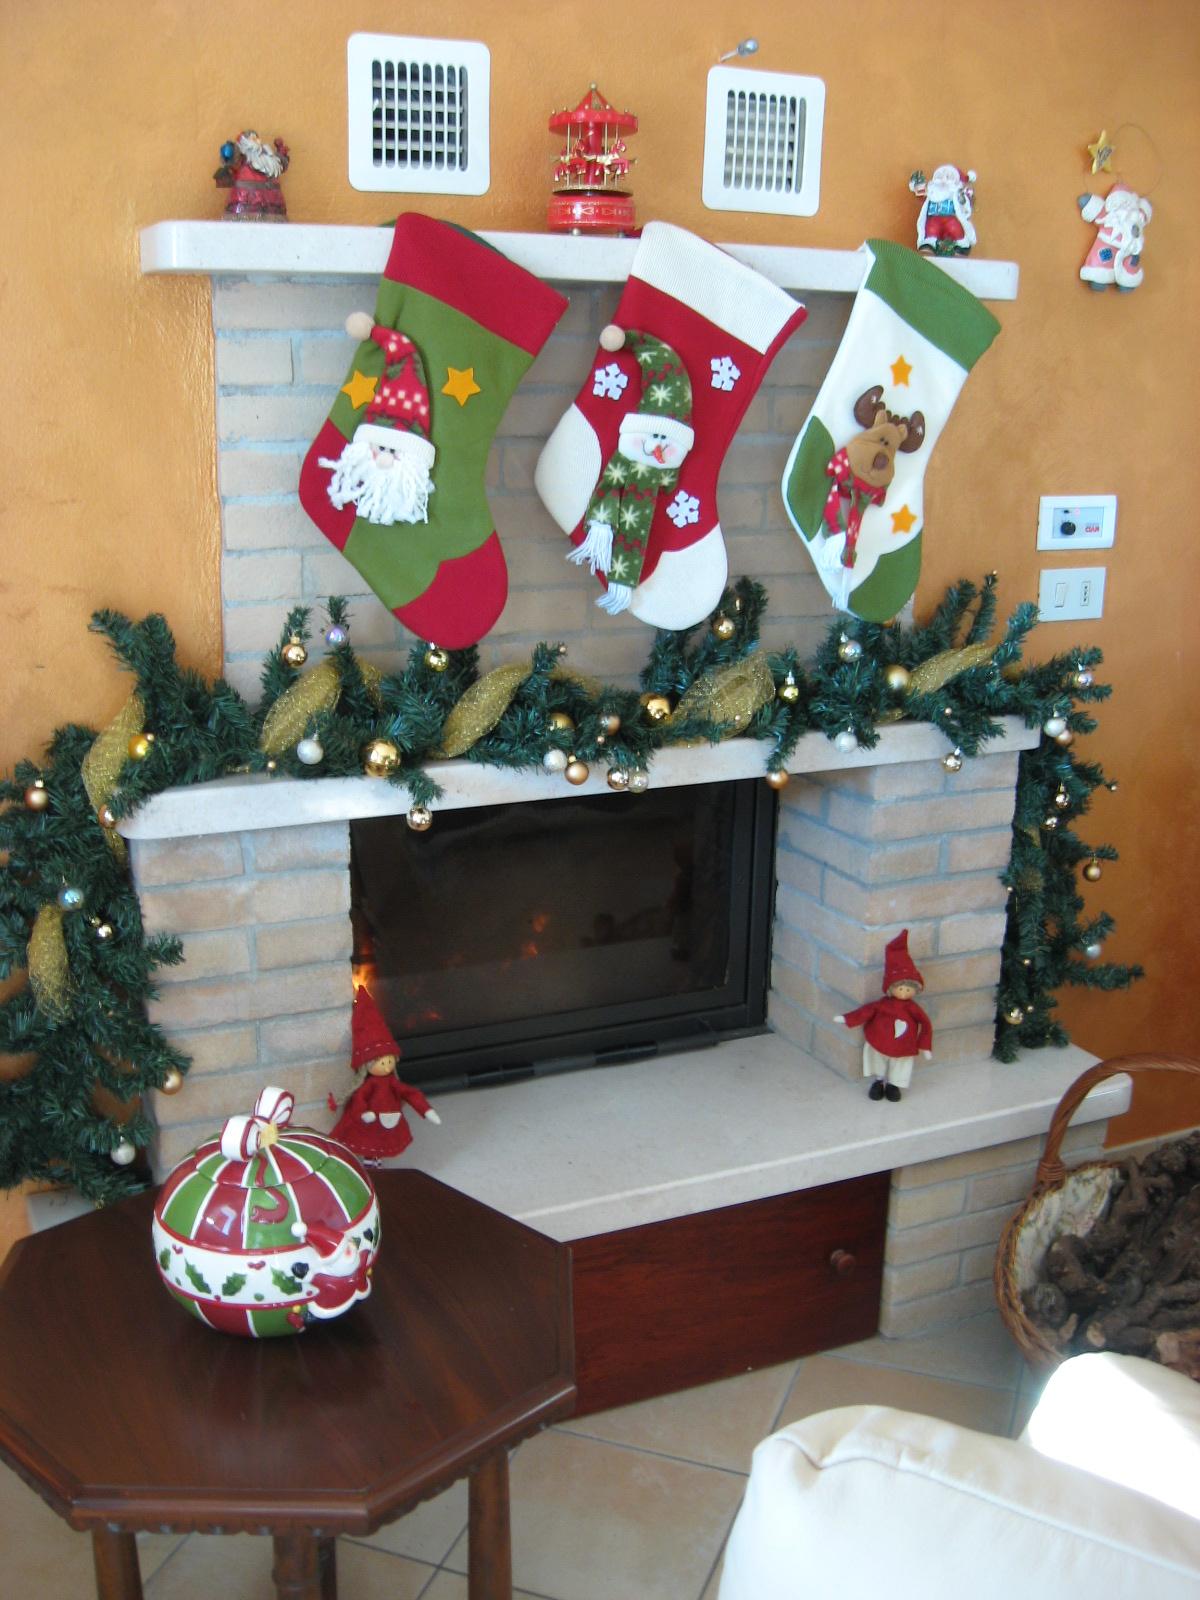 Carta e cuci dicembre 2012 for Caminetto finto natale